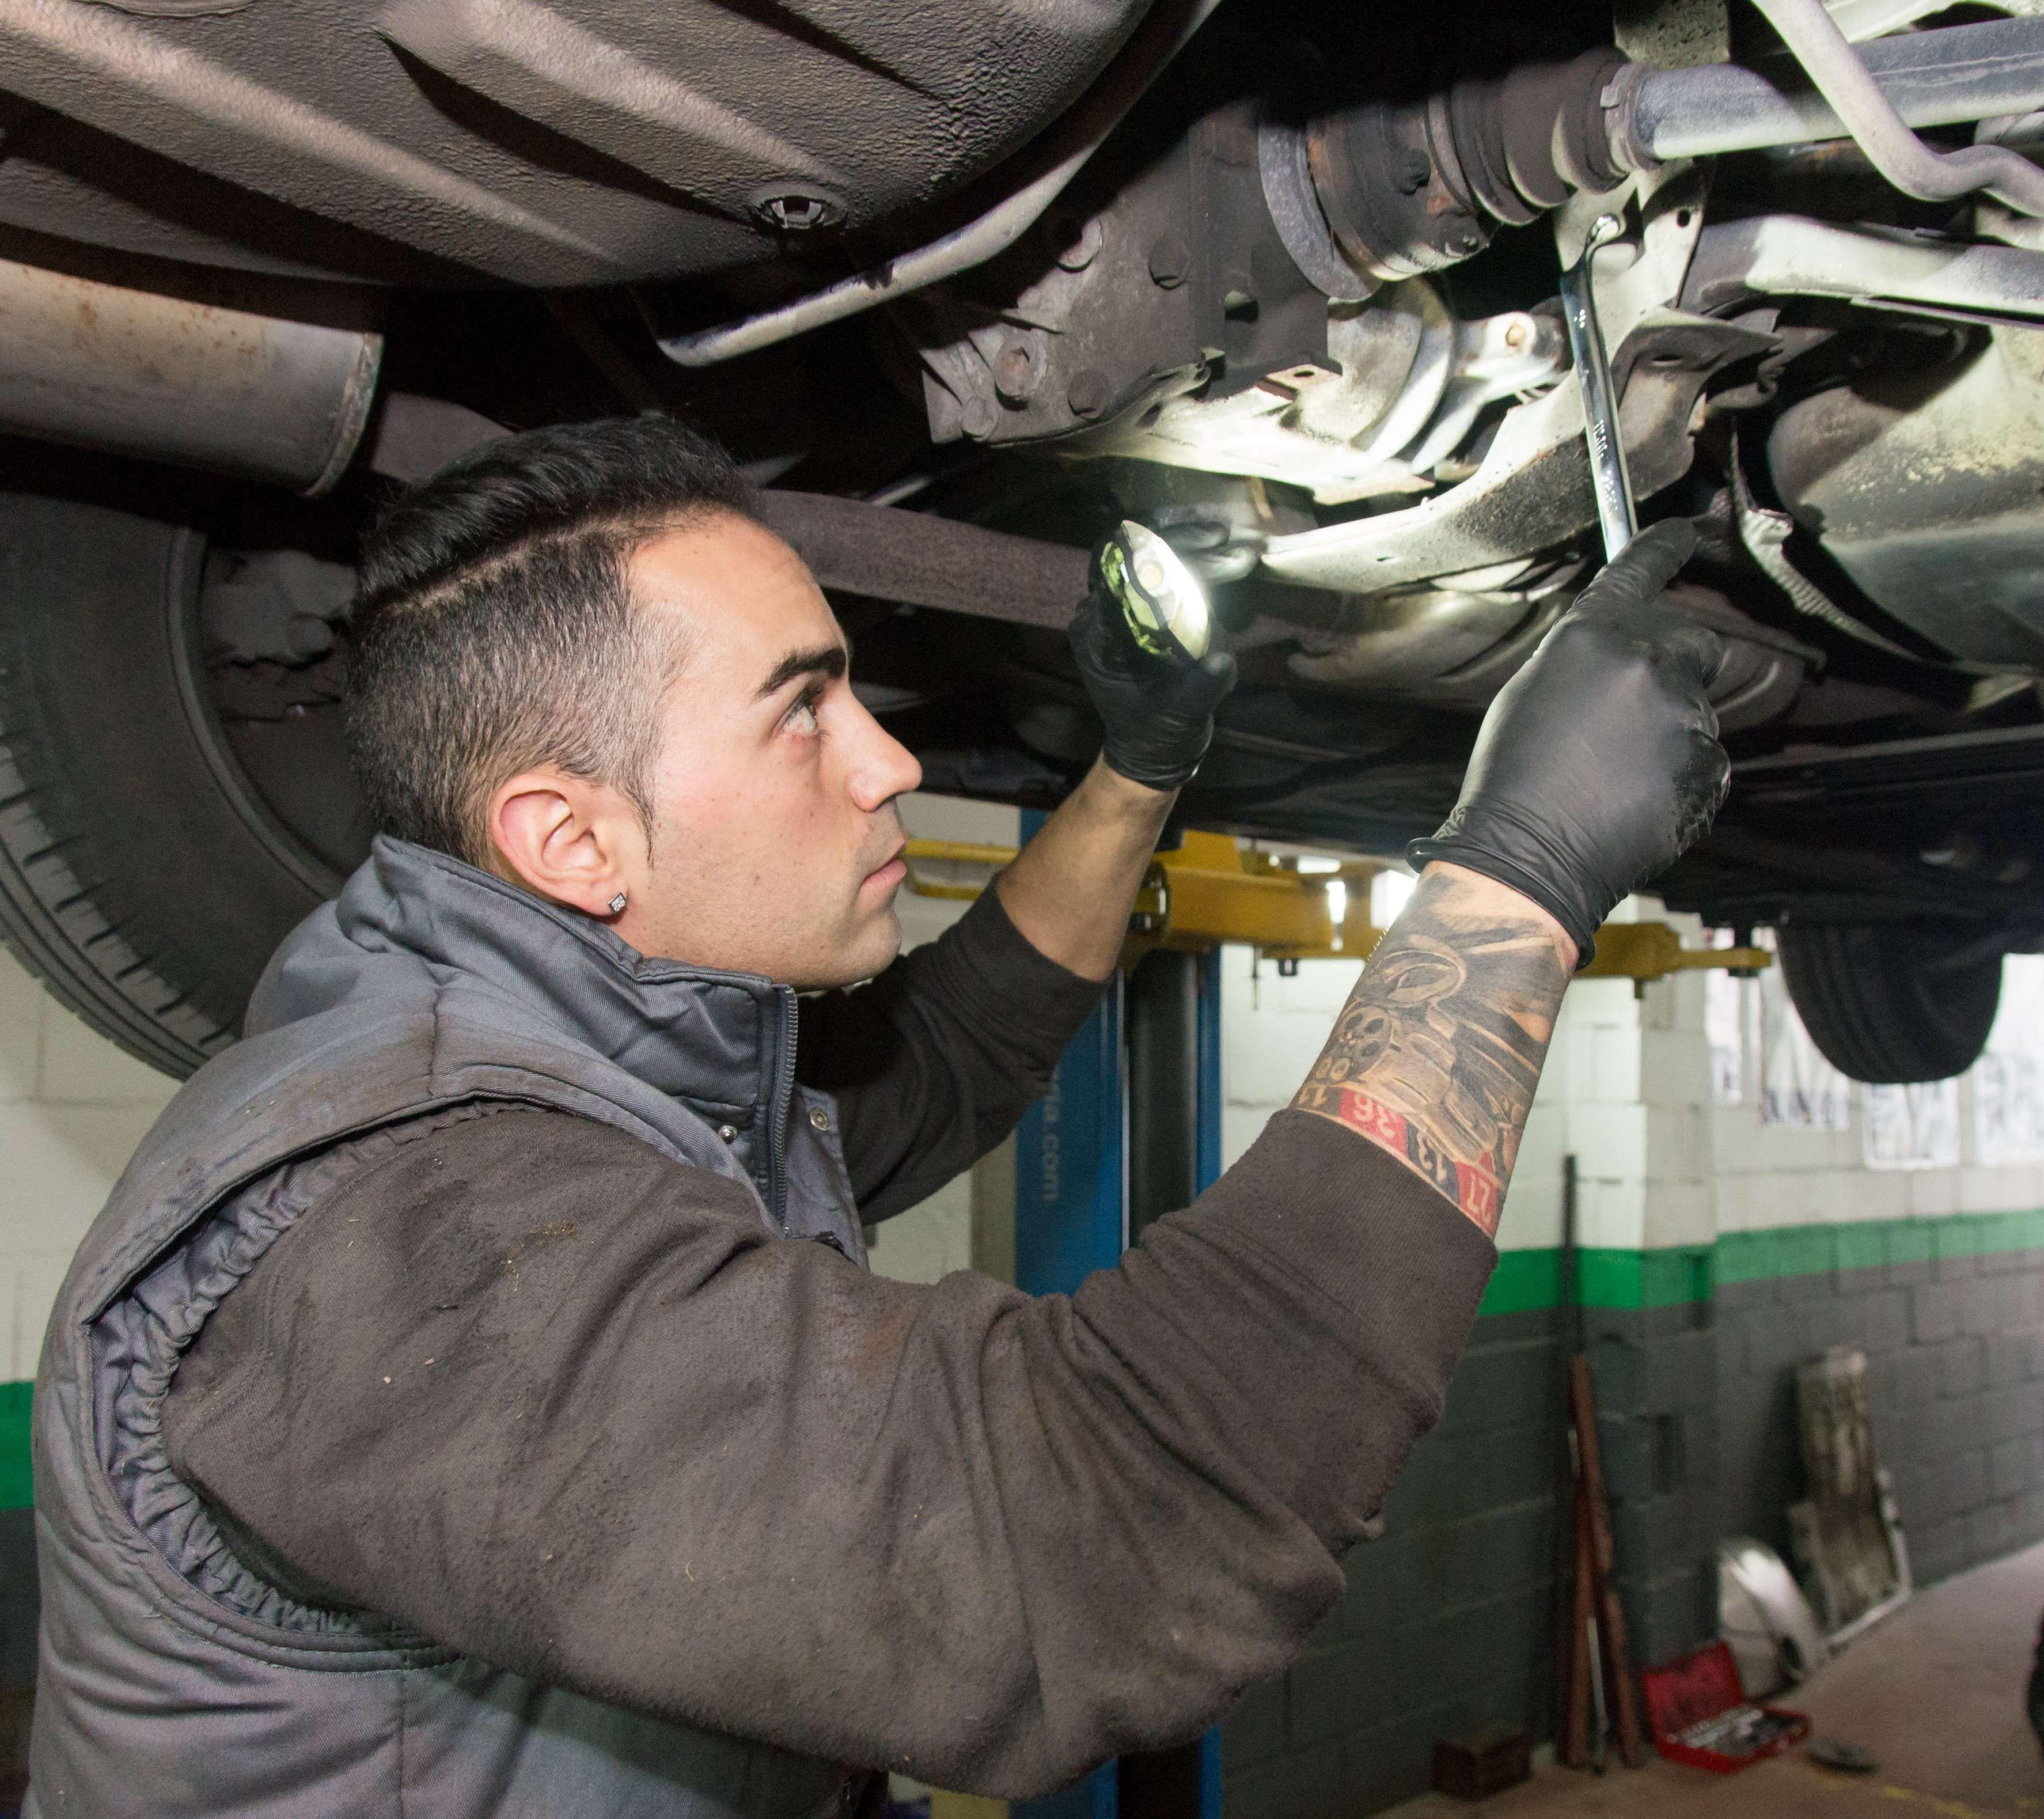 Mantenimiento mecánico para tu vehículo en Parla